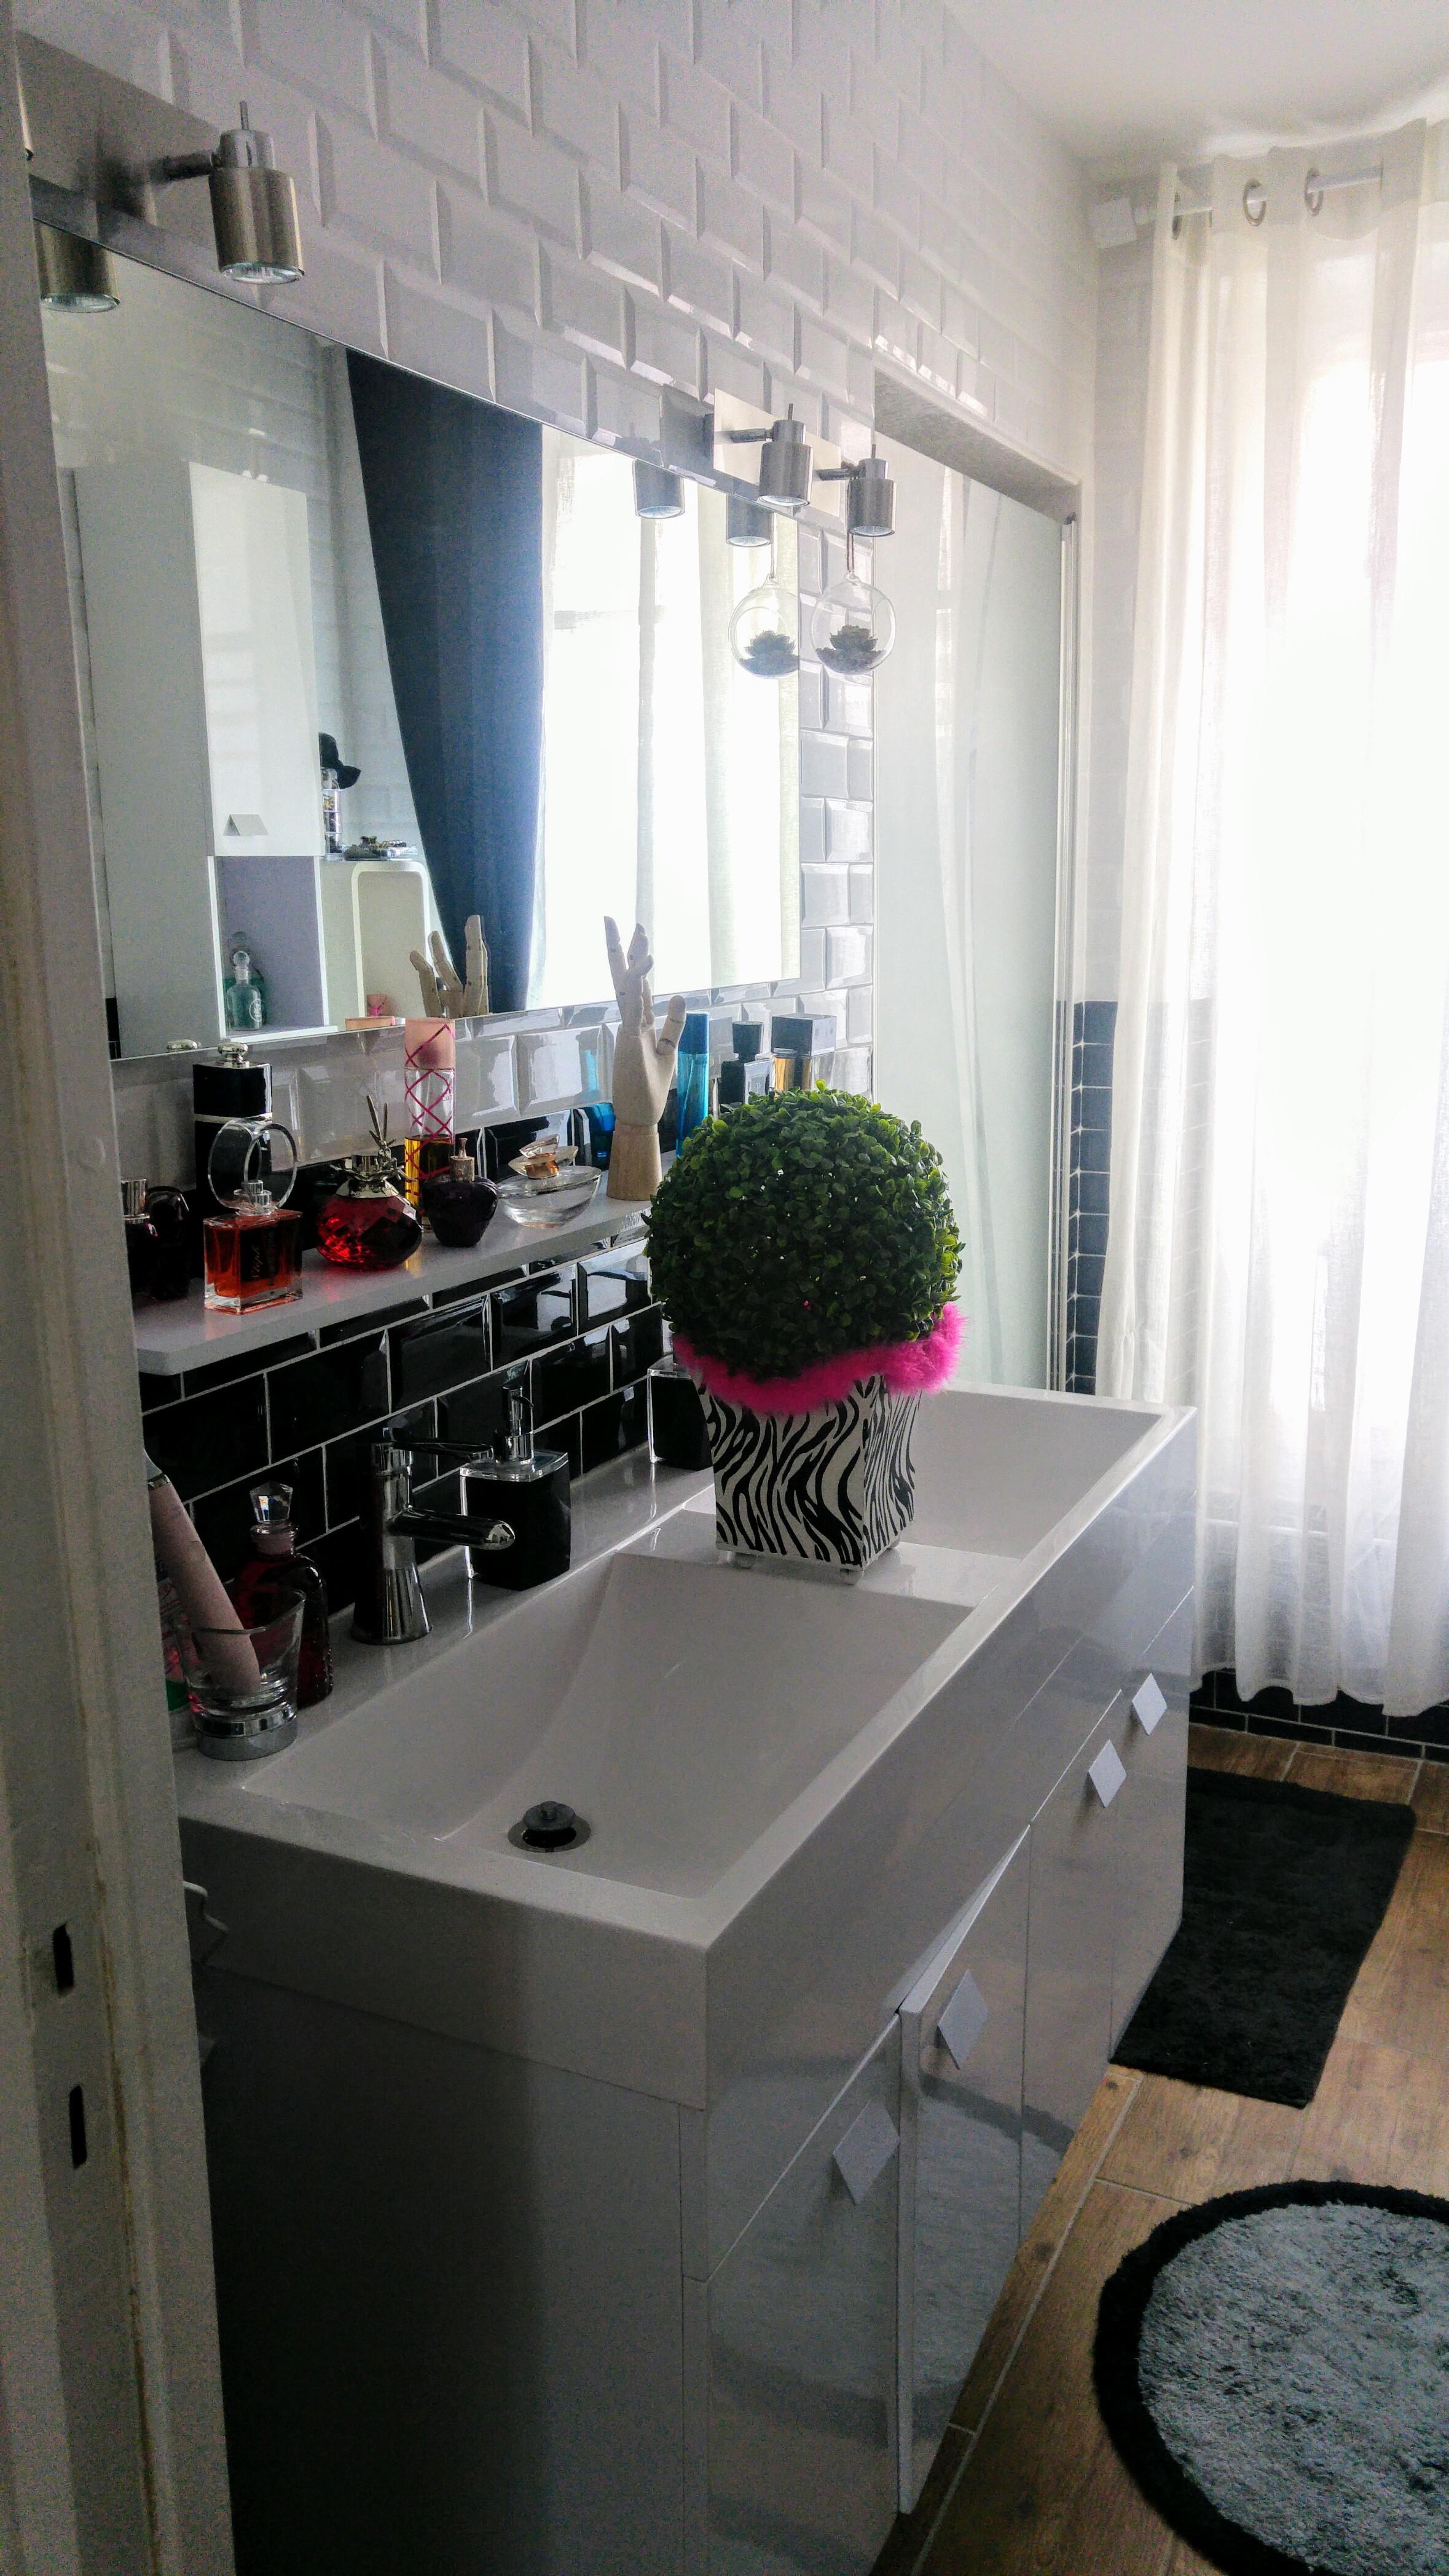 Deco Salle De Bain Avant Apres avant après salle de bain design | missglamazone